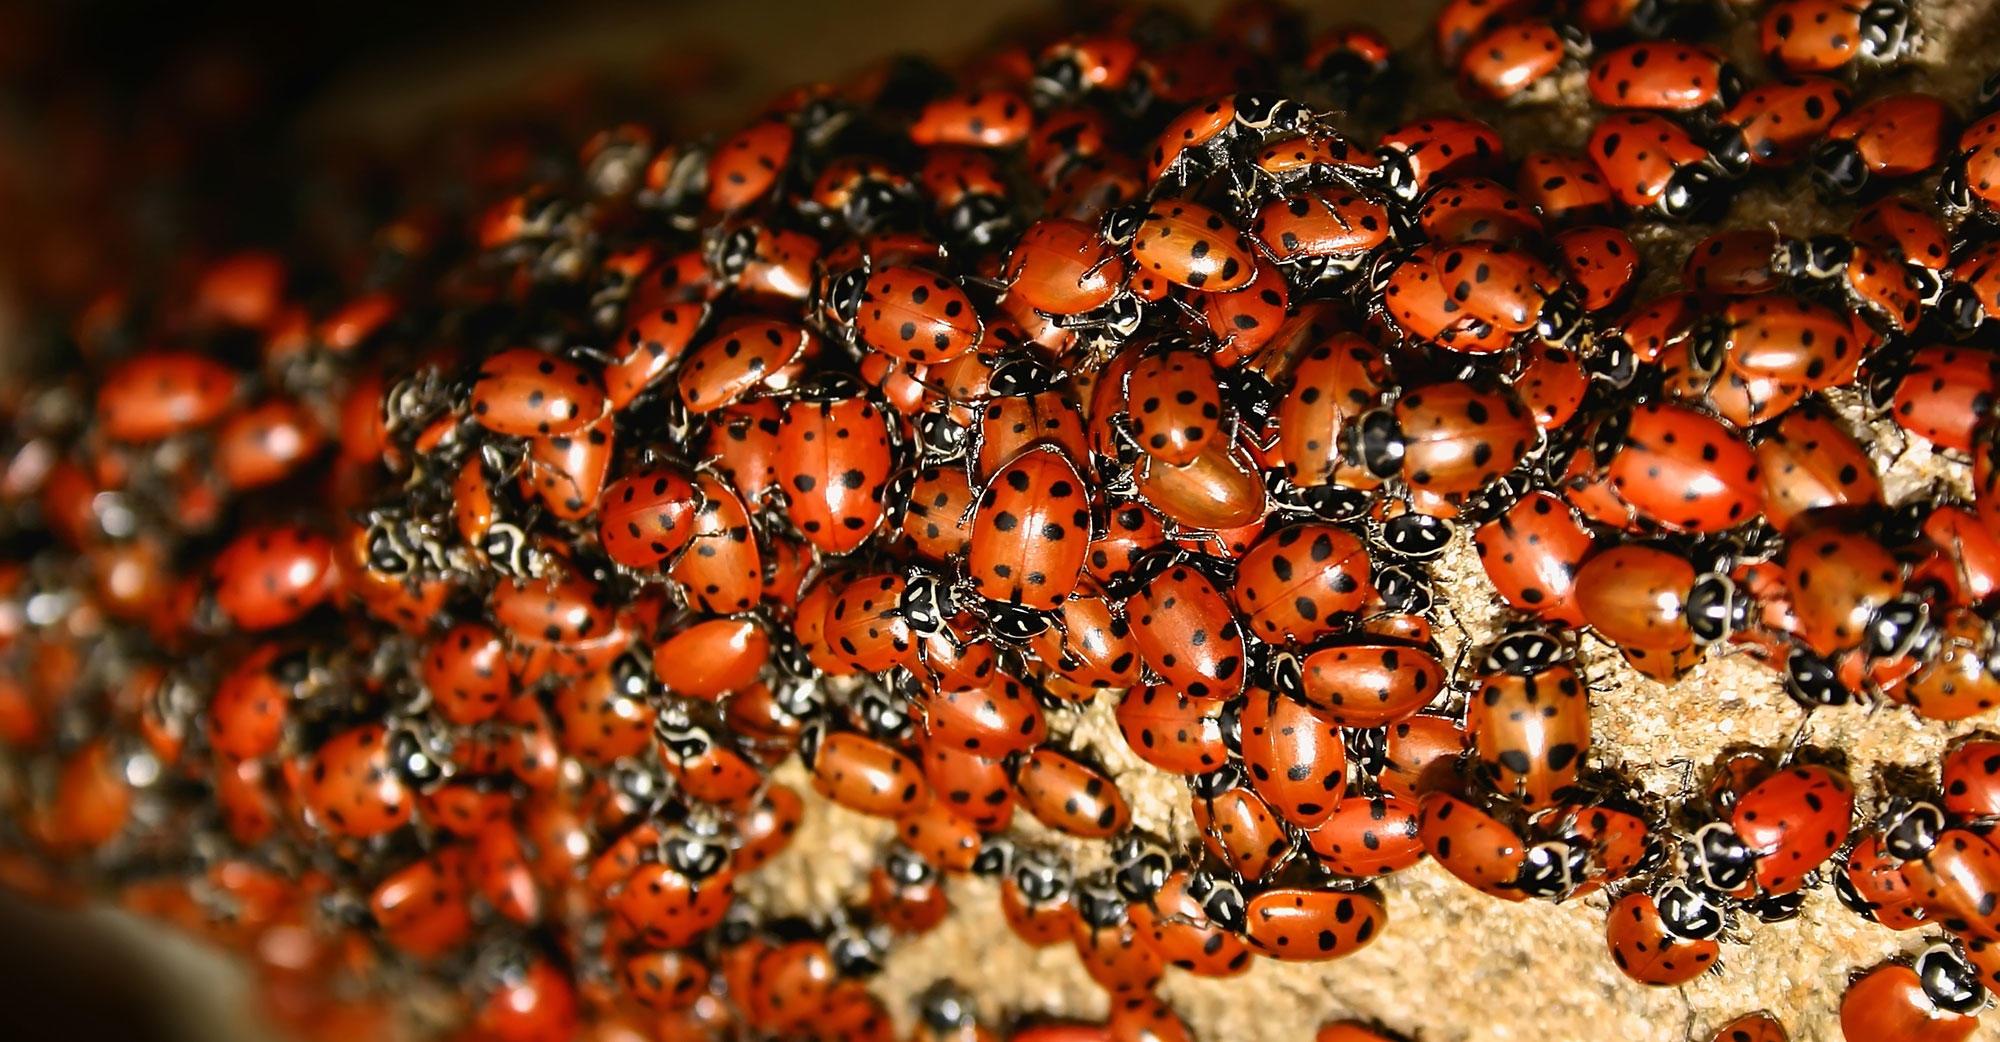 Ladybug (Harmonia axyridis) Swarm